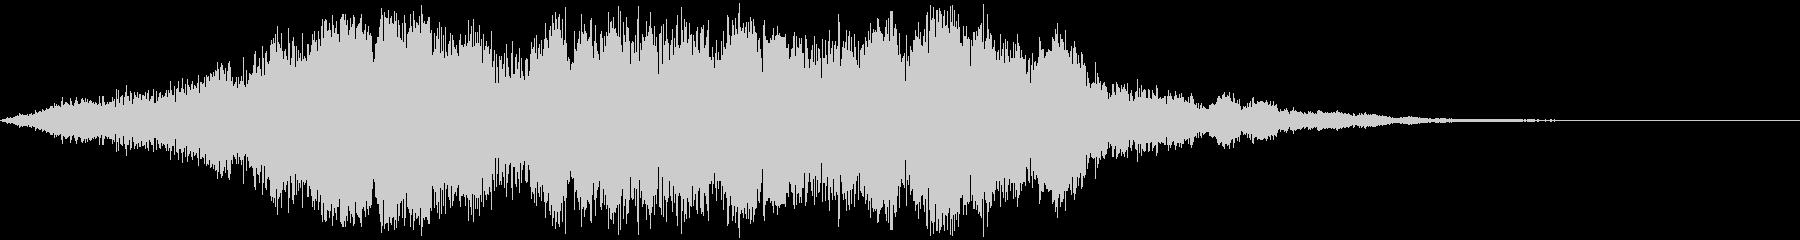 ホラー用の重低音の未再生の波形